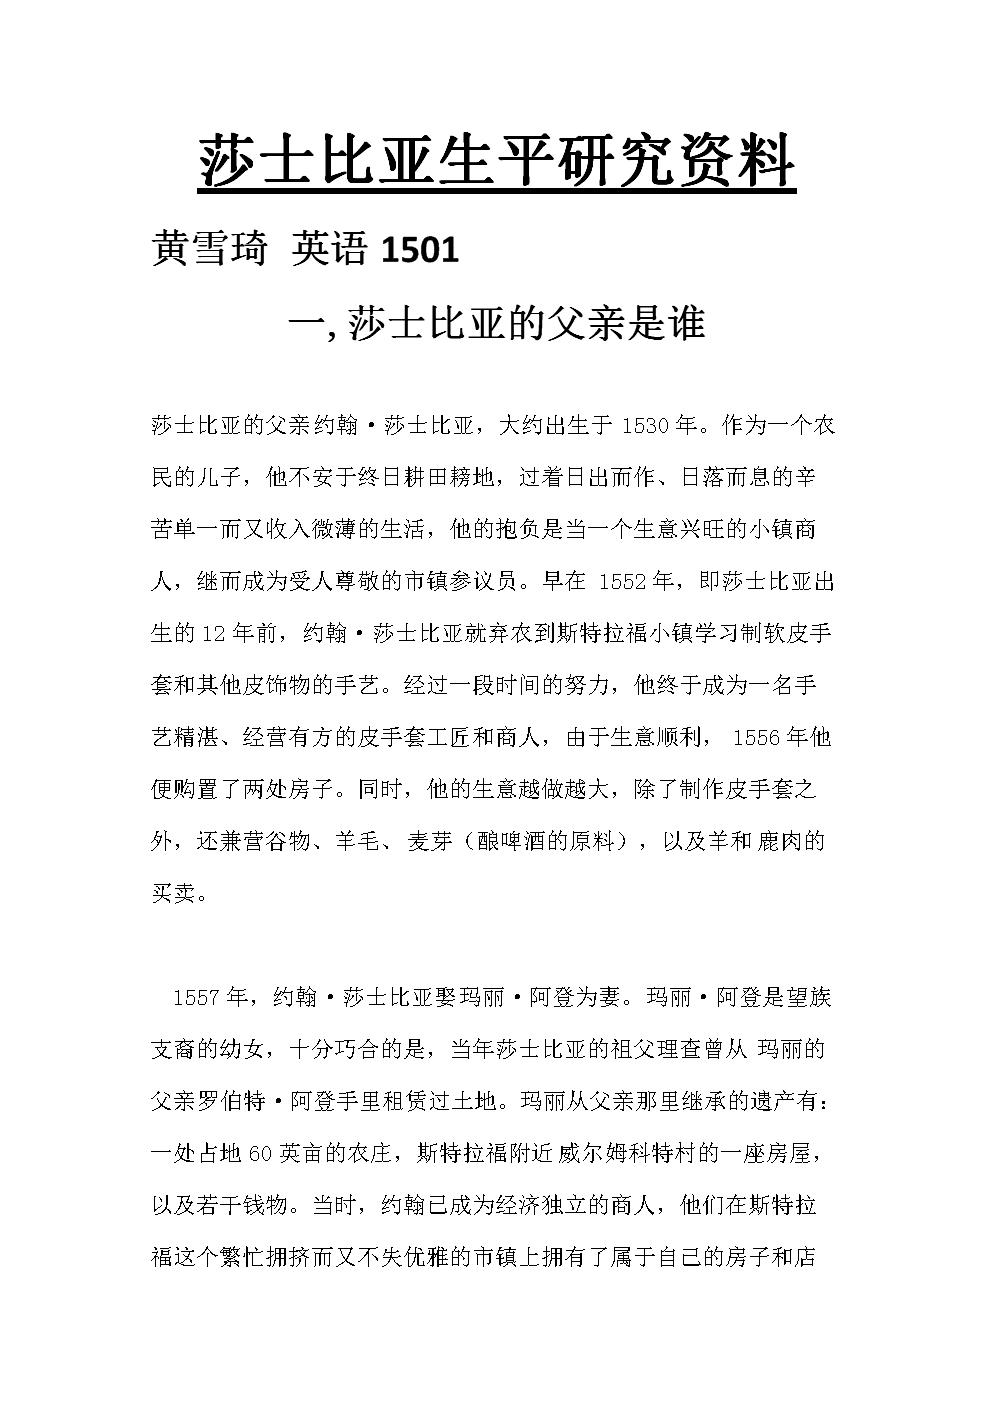 莎士比亚生平研究资料.doc